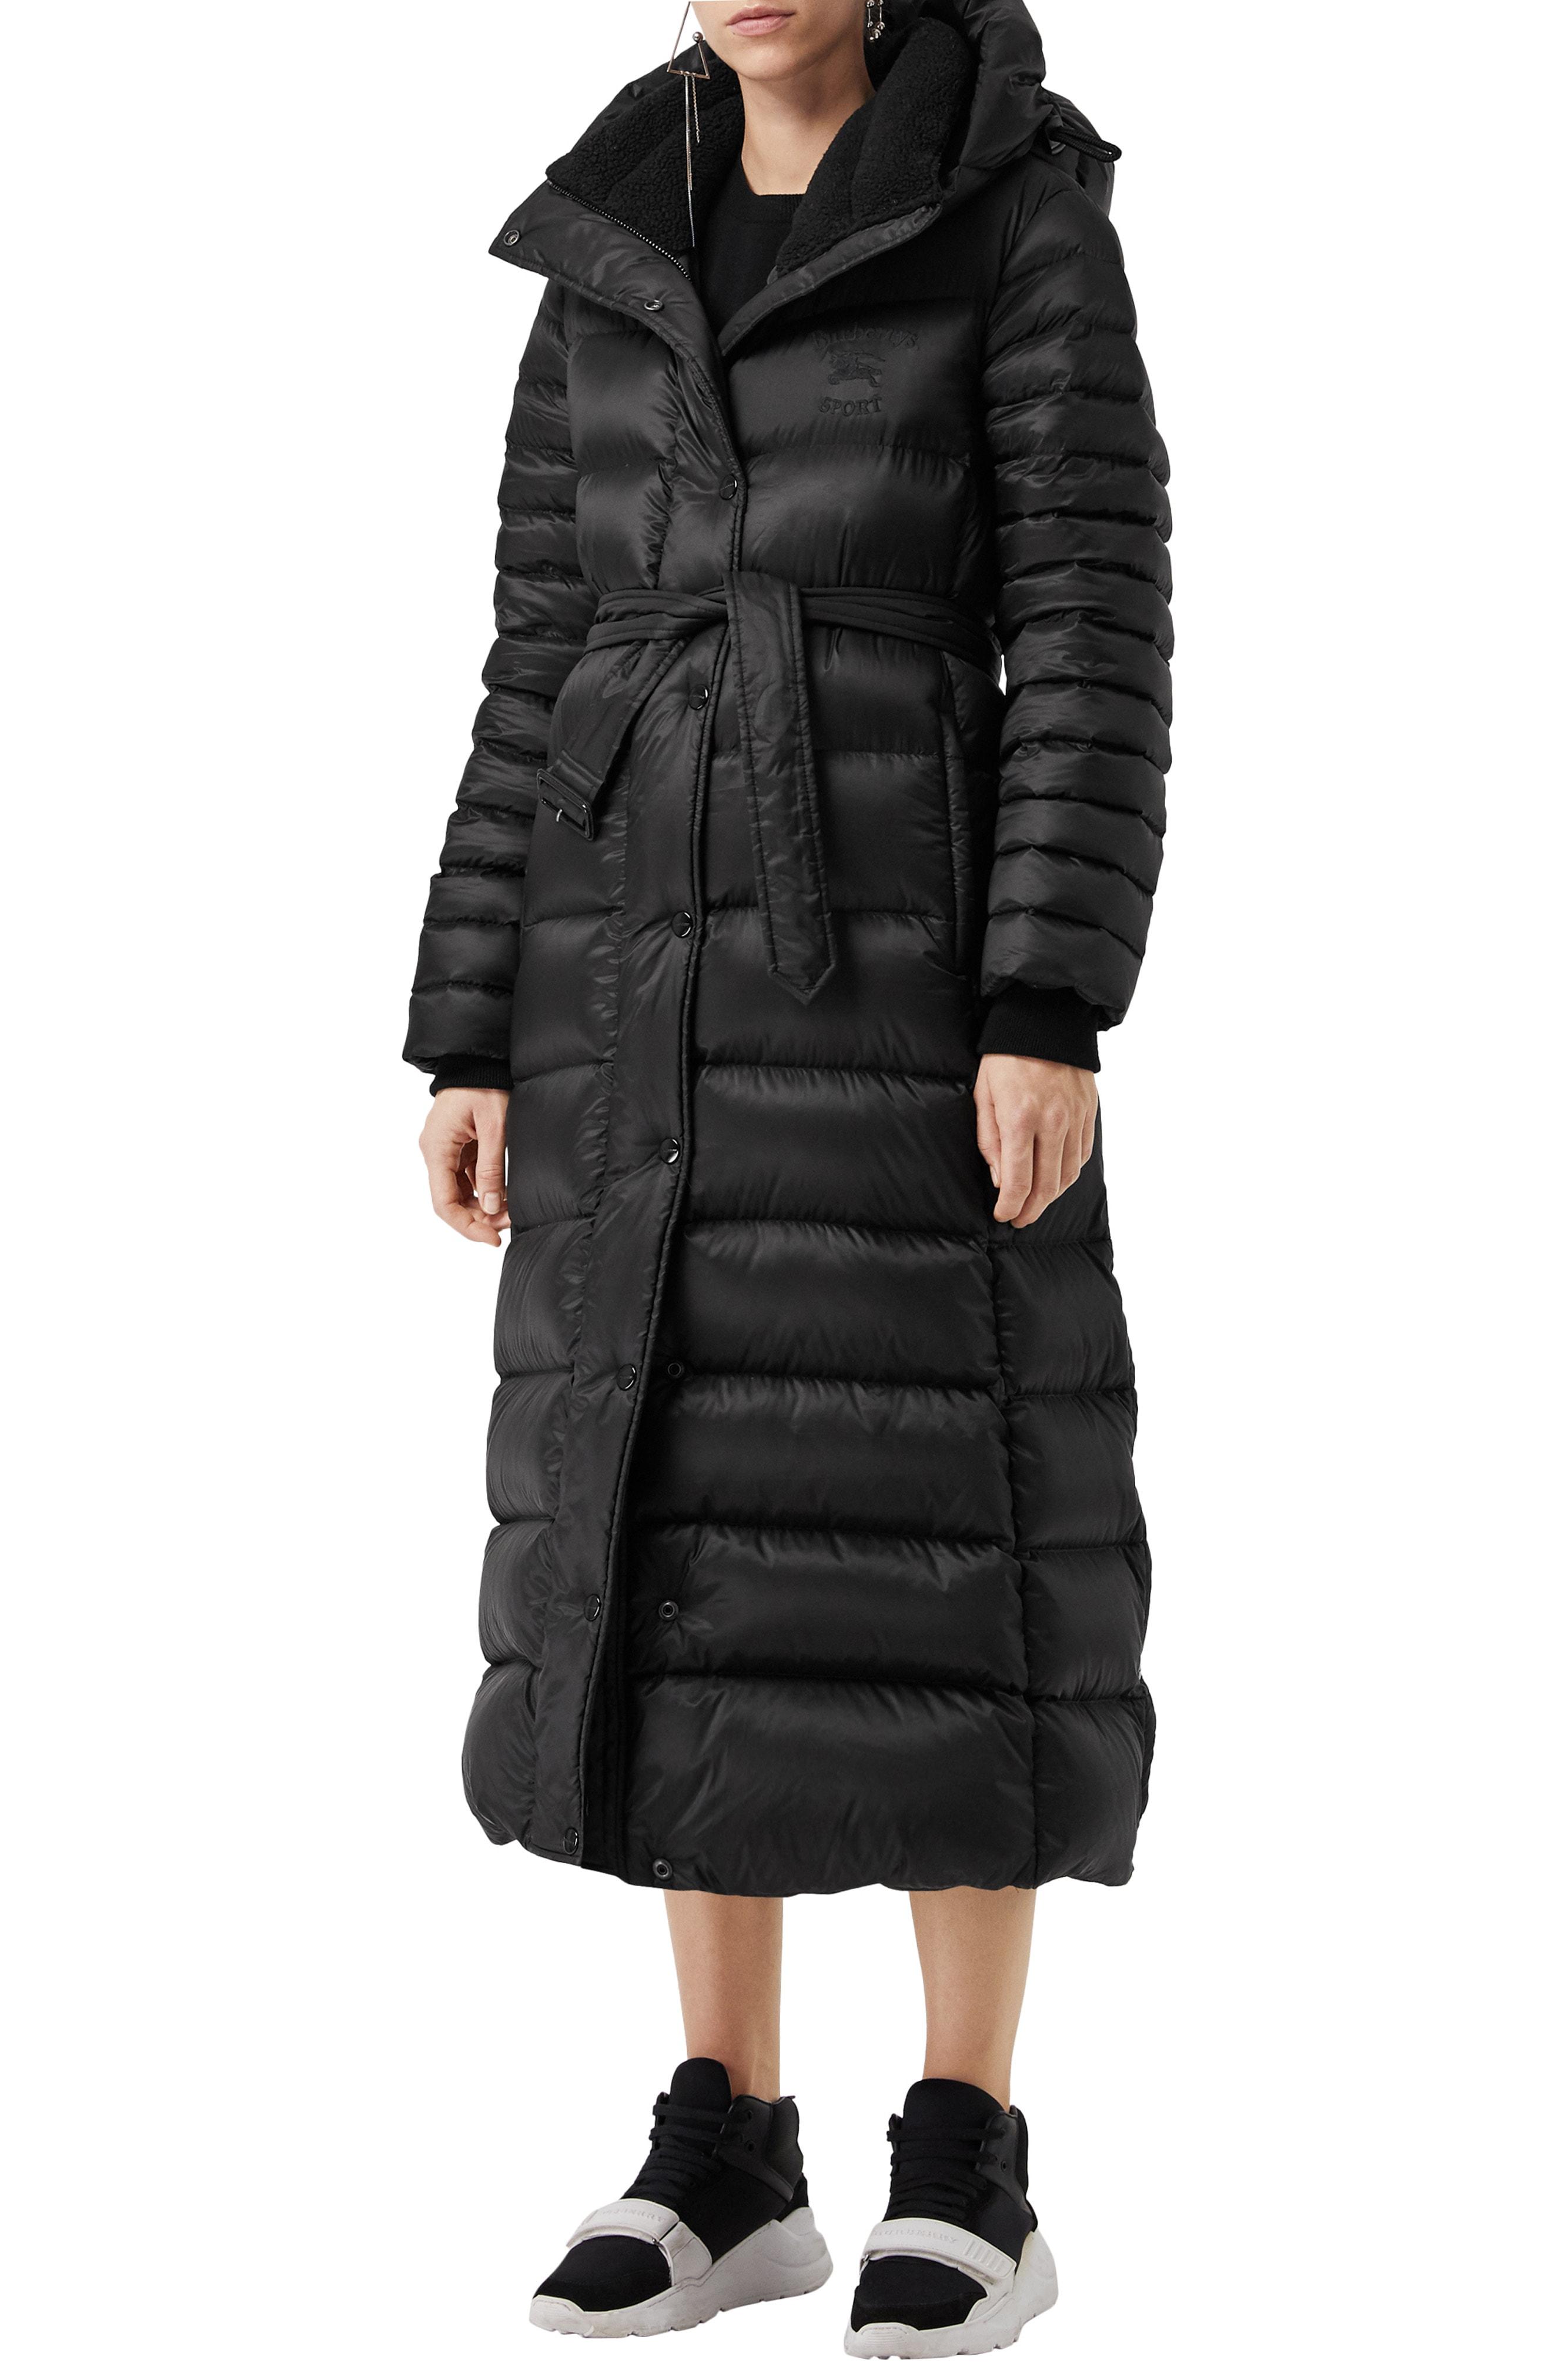 Burberry Kington Faux Fur Trim Long Down Coat